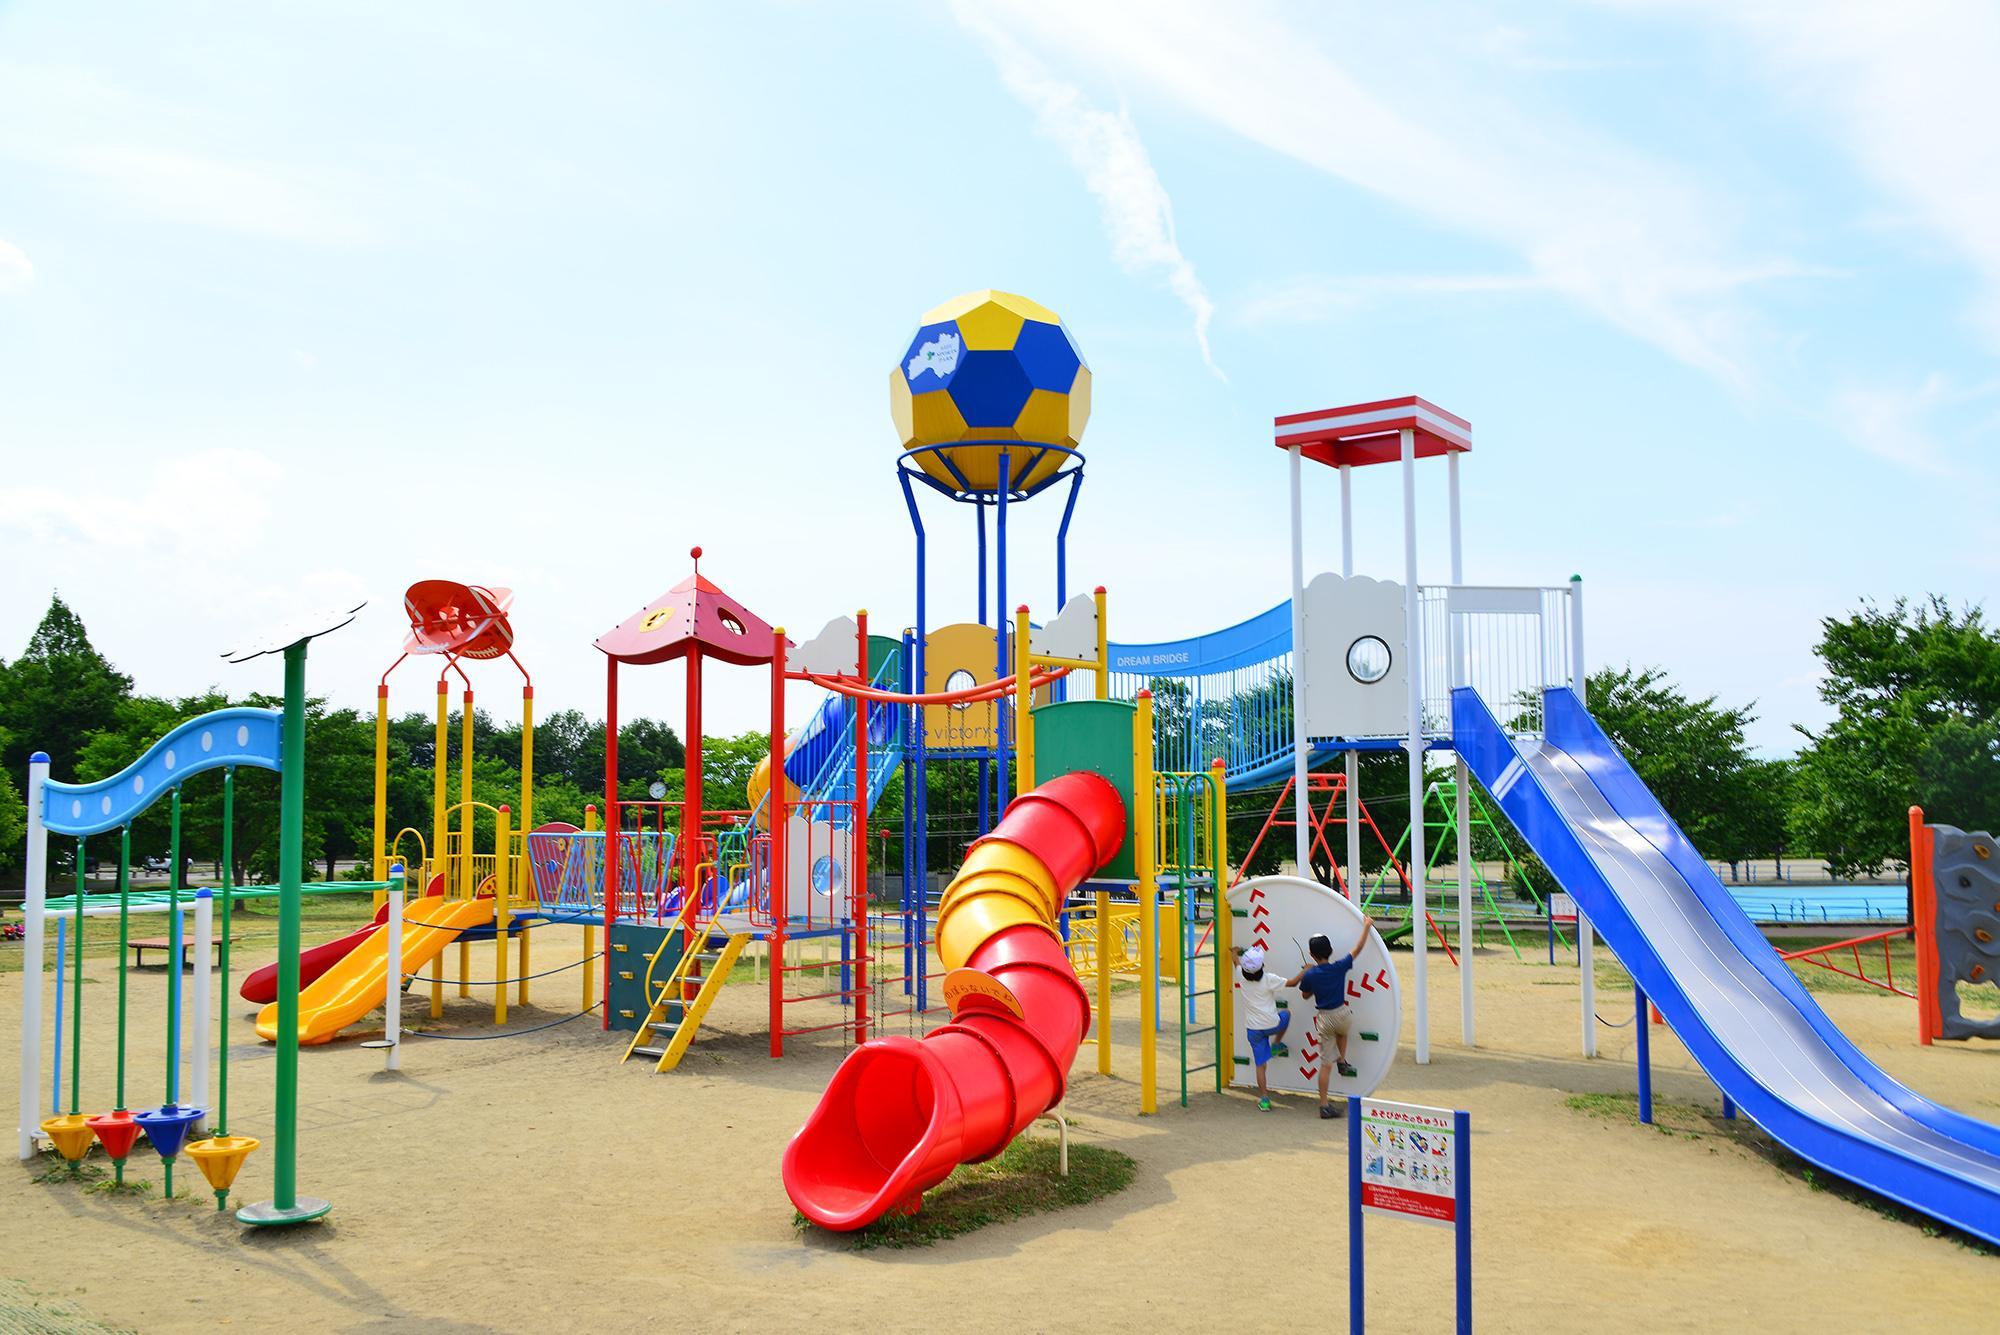 【公園管理者さま必見】子供に人気な遊具の種類とは?カタログ請求可能なイチオシ遊具も紹介